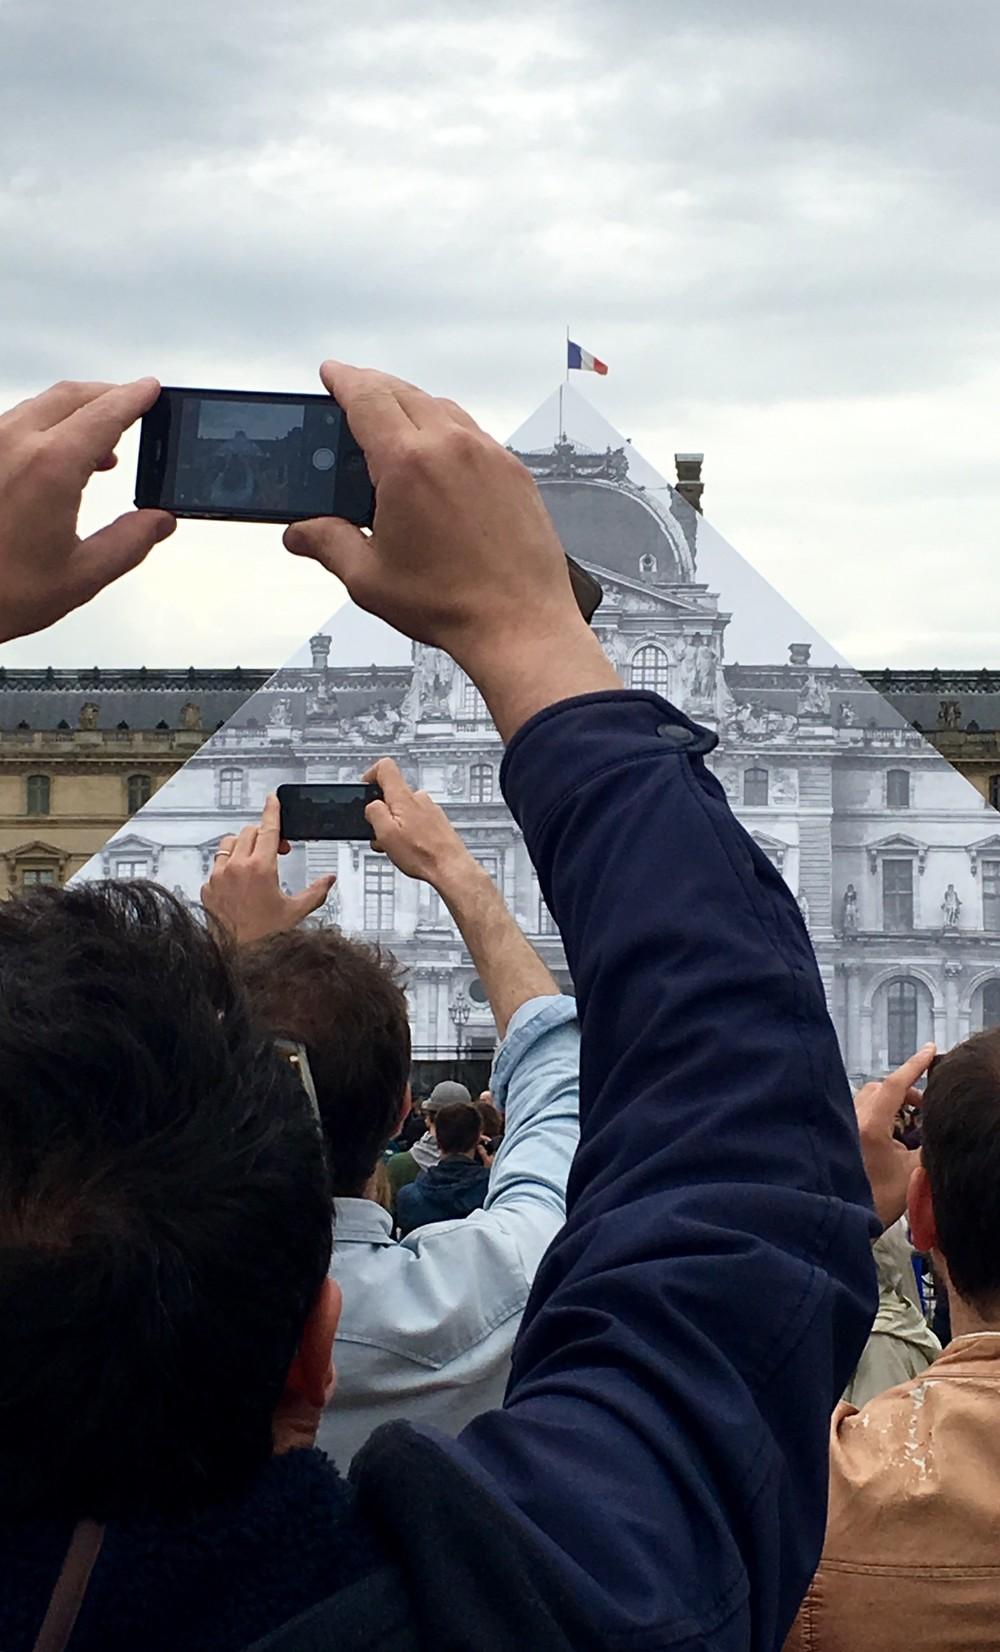 jr-artiste-contemporain-art-photo-restaurarte-galerie-perrotin-paris-le-havre-decade-louvre-restauration-visiteur-public.jpg